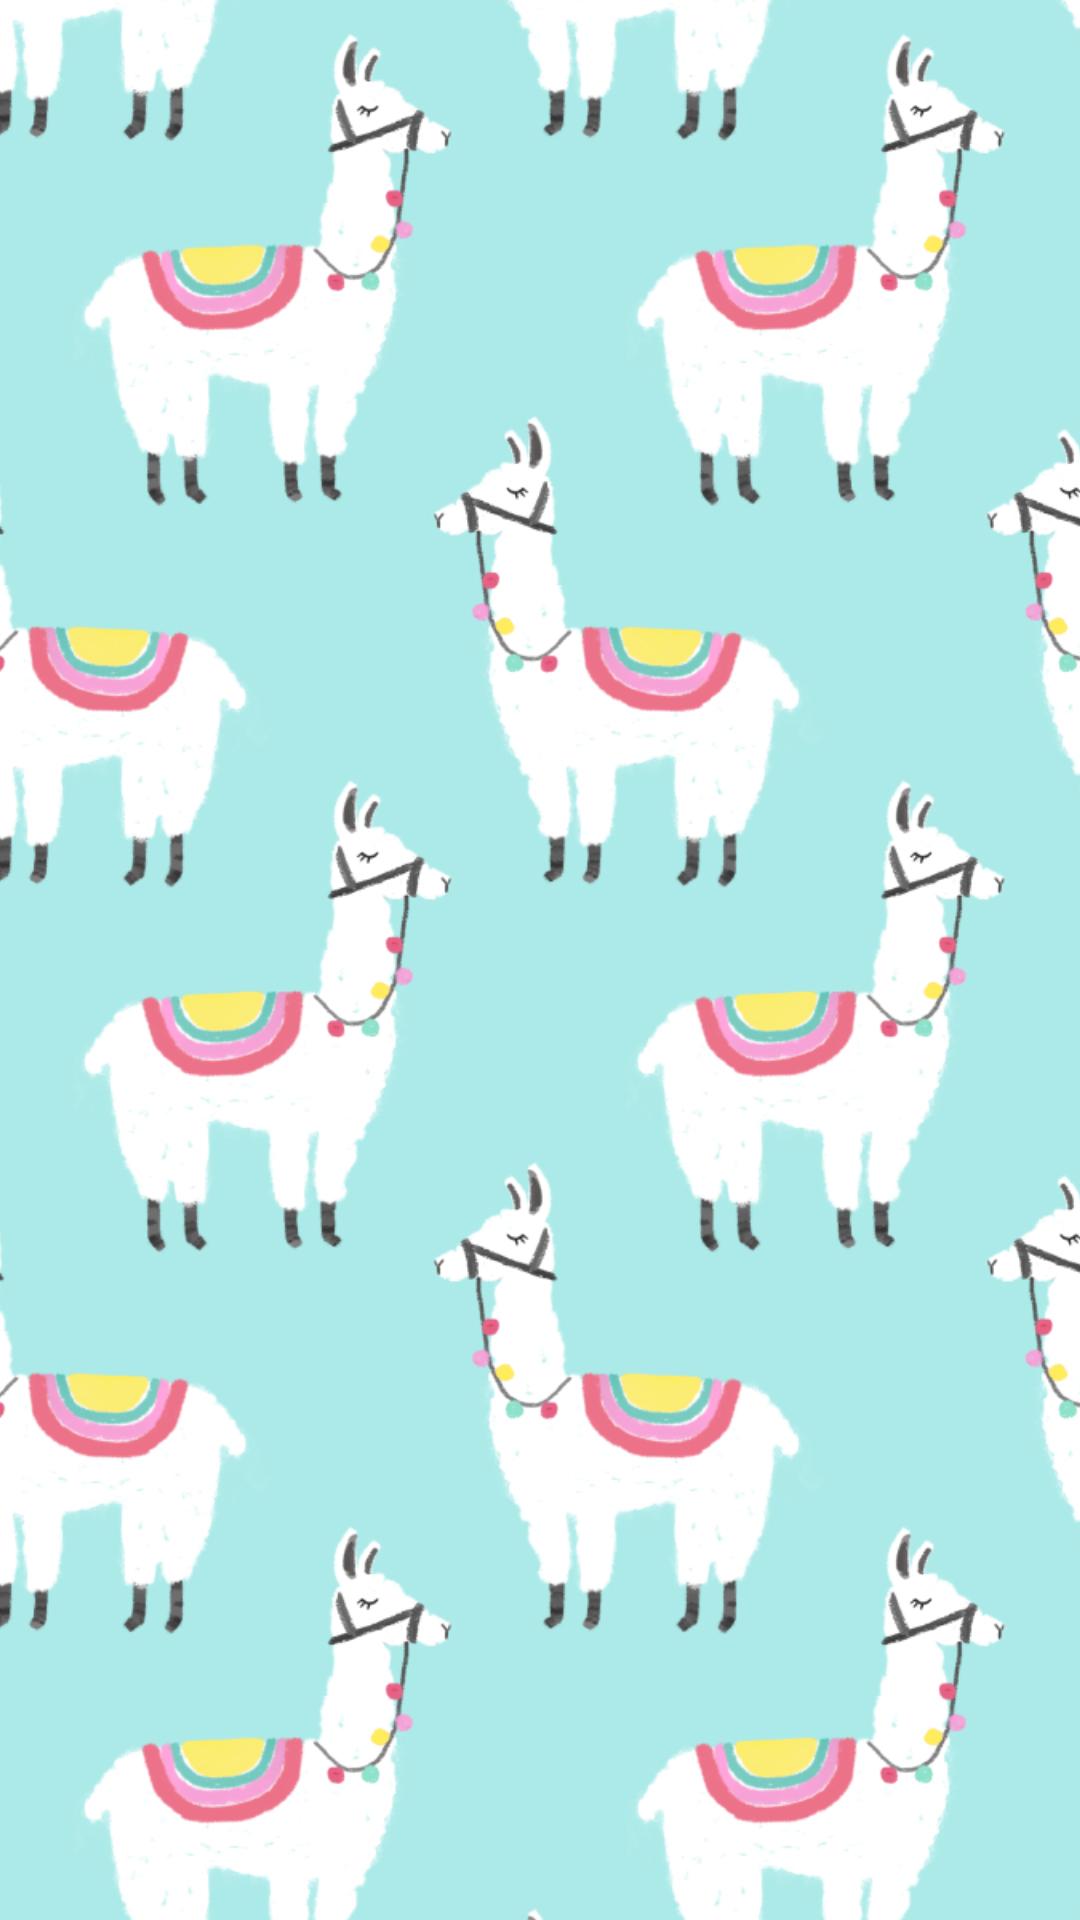 Llamas   Llama Backgrounds 788506   HD Wallpaper Download 1080x1920